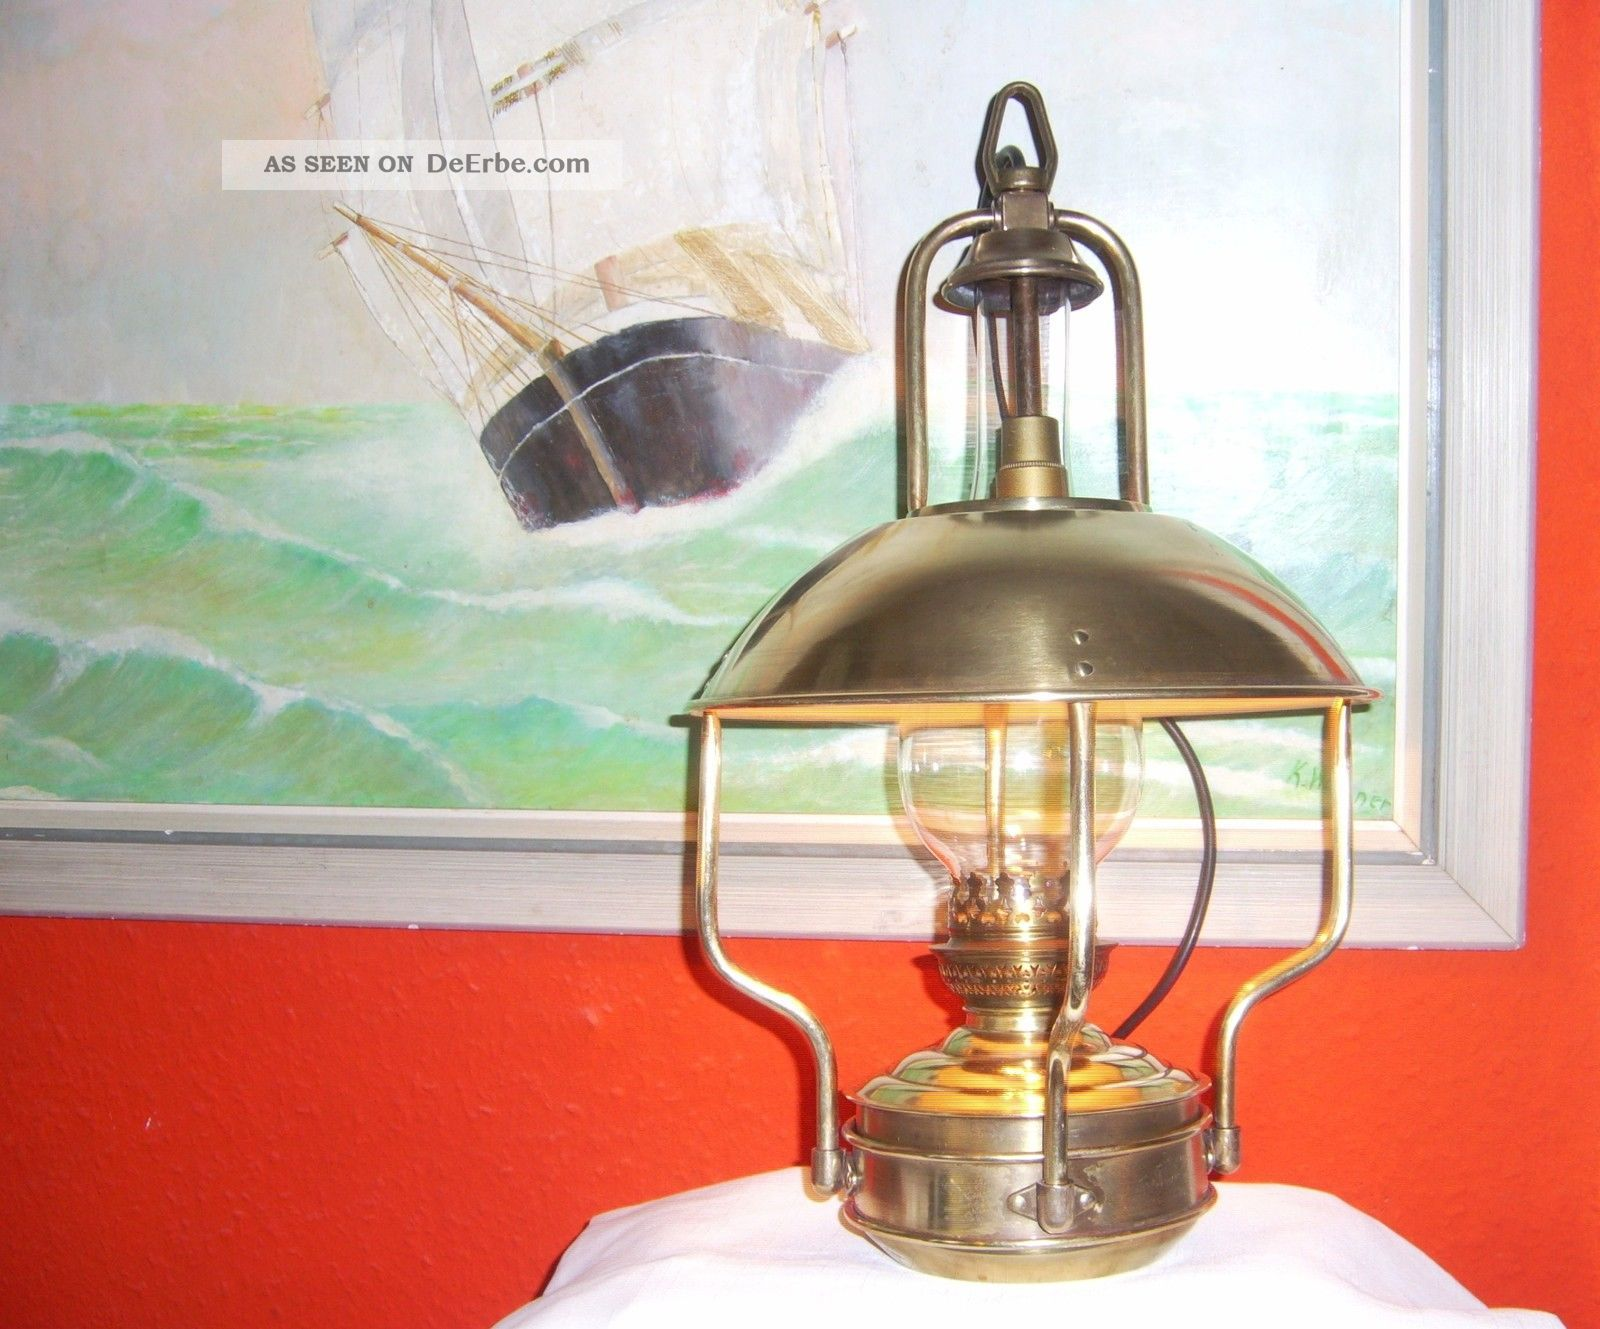 Schiffslampe tisch oder h ngelampe kaj tenlampe maritim glaszylinder elektr - Dekoration maritim ...